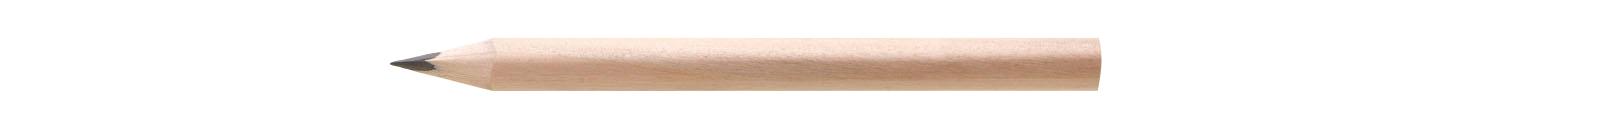 Tužka krátká, trojhranná TRIA S